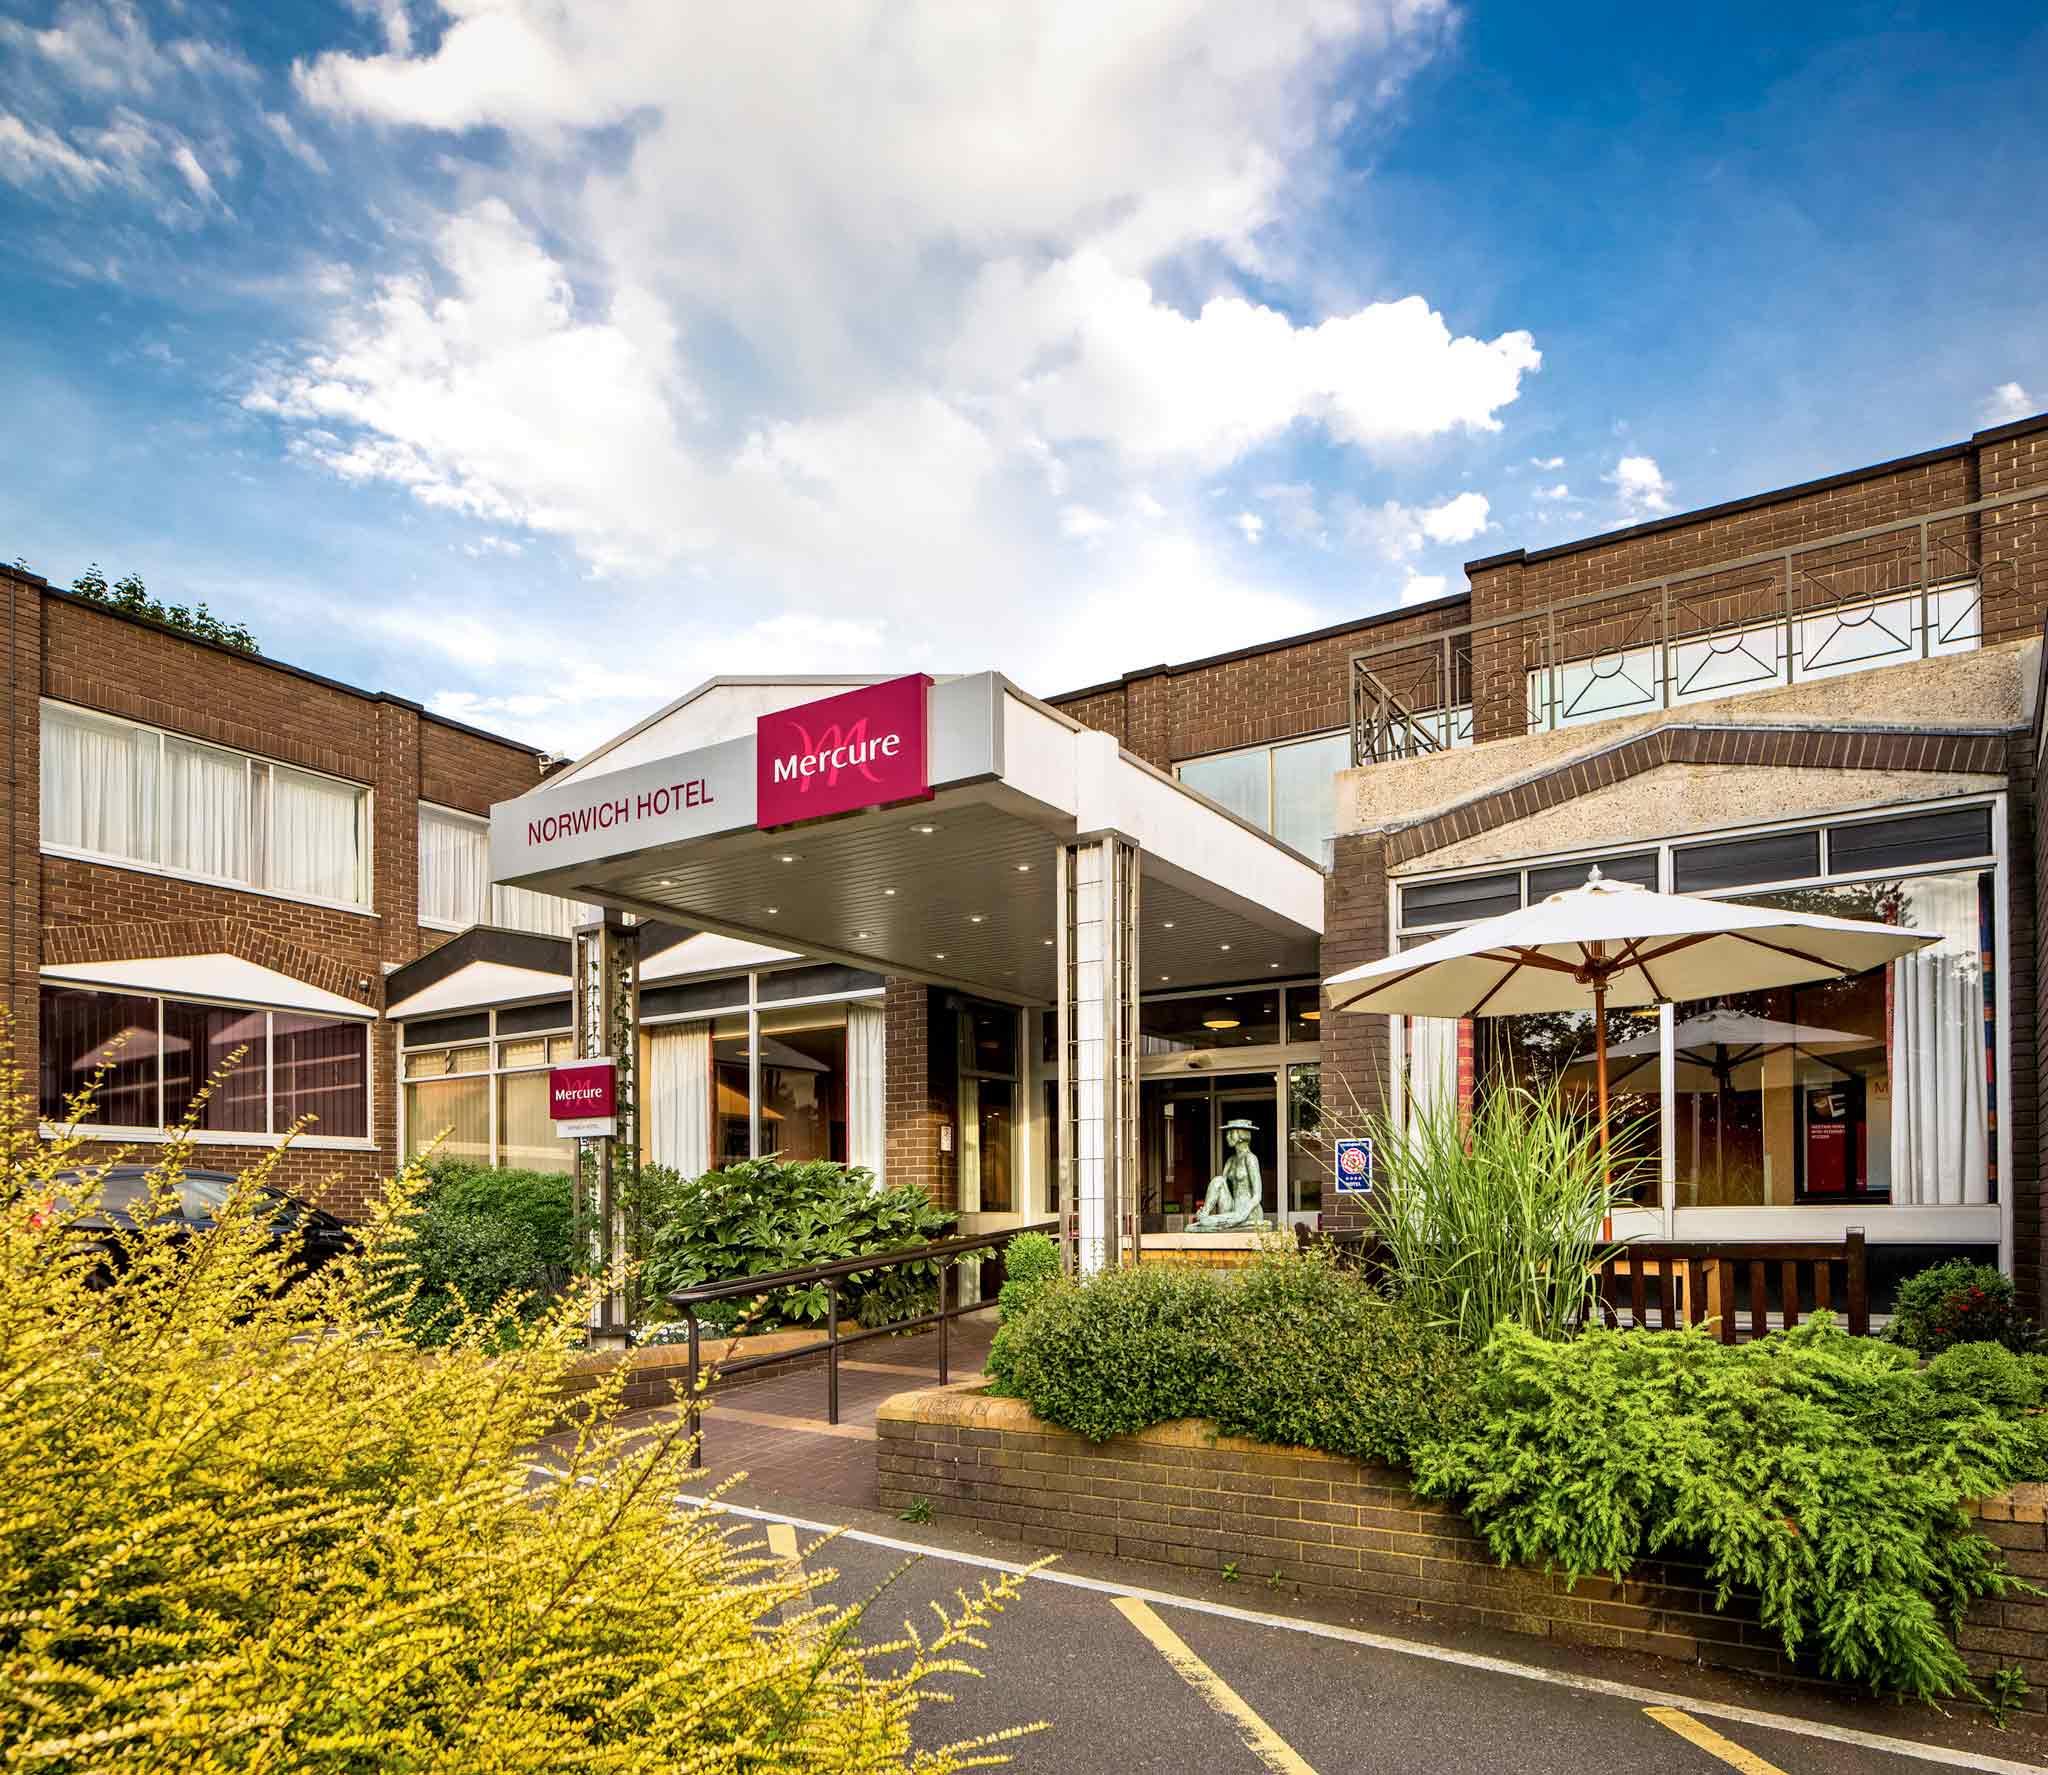 Hotel Mercure Norwich